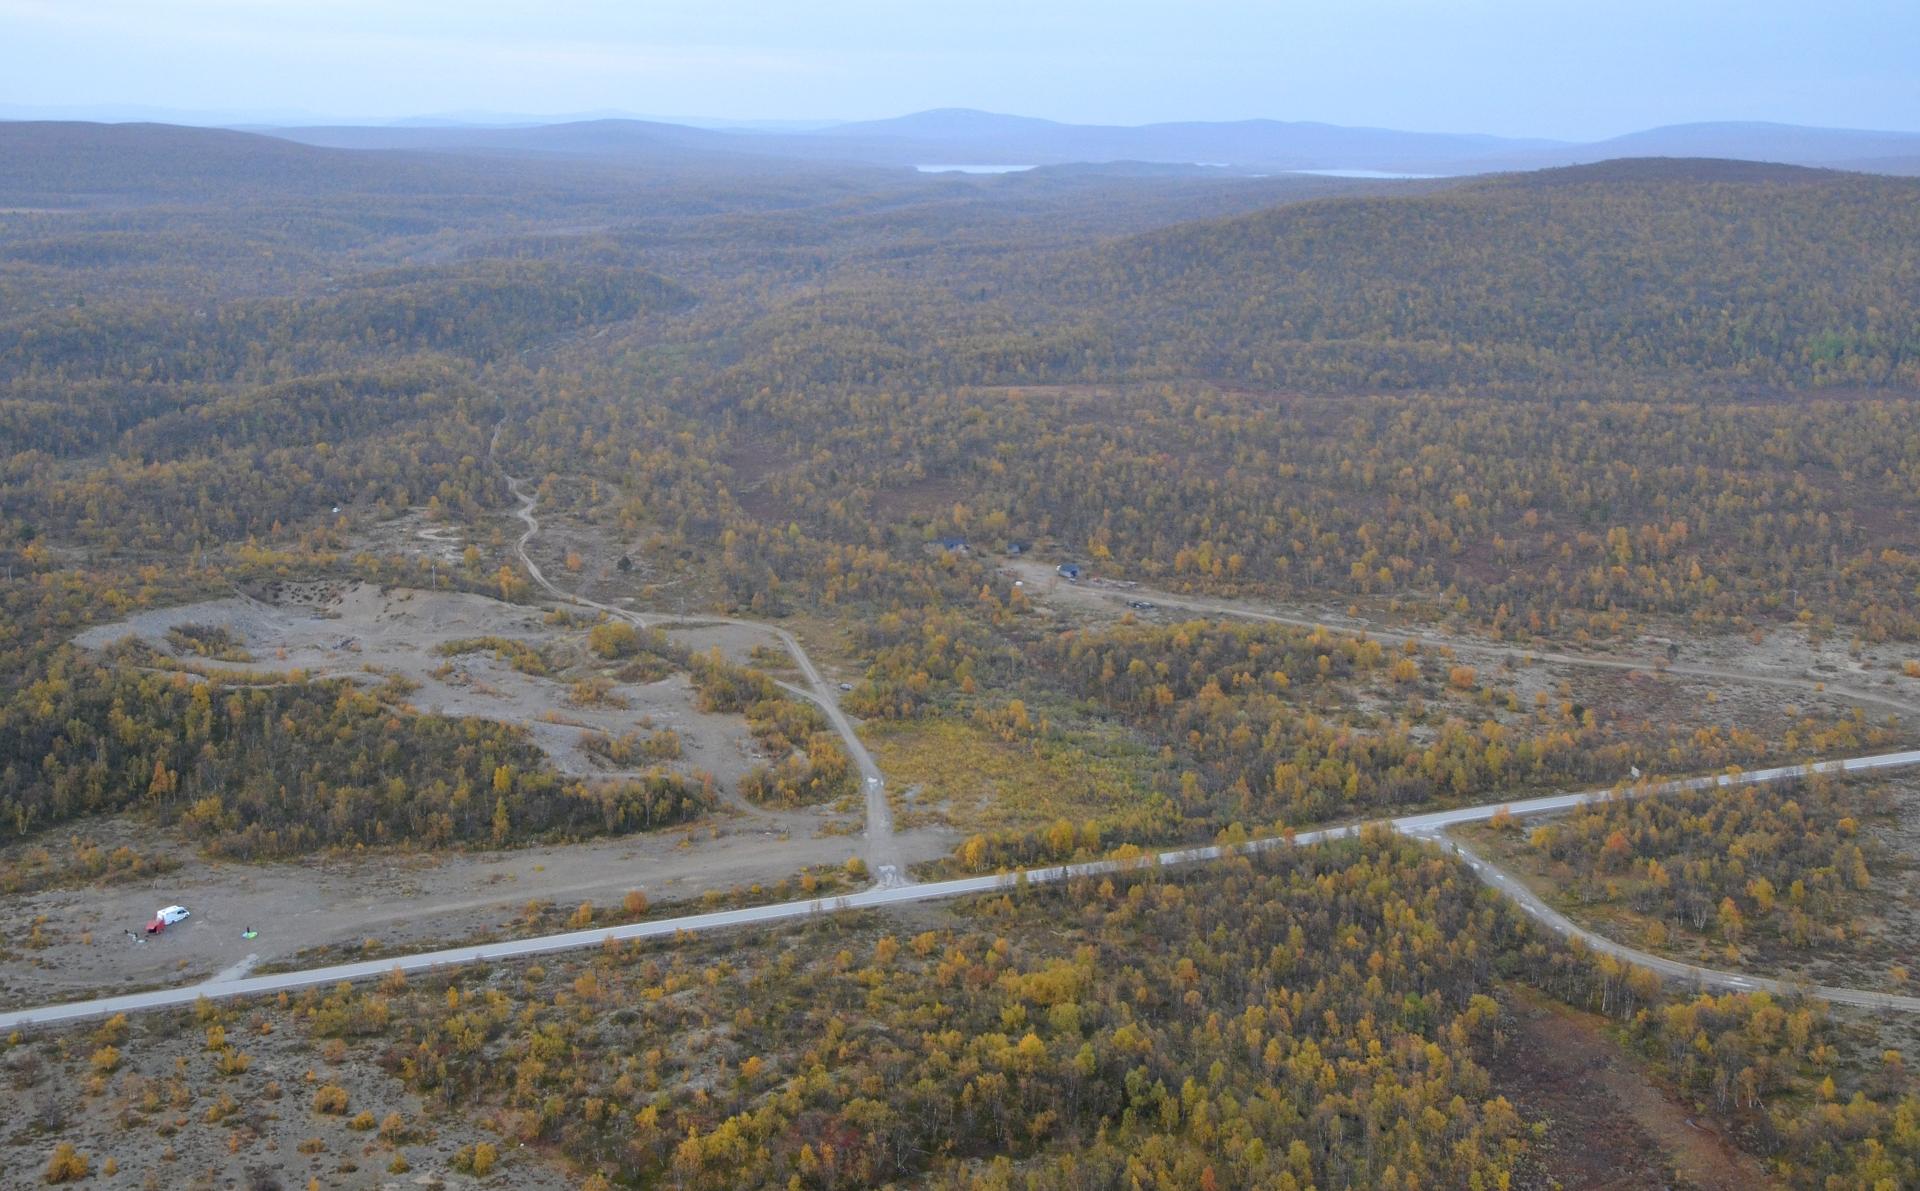 Tässä Kevon reitin eteläpään tienoota. Järvi joka tuolla häämöttää on Luomusjärvi ja sen halki reitti etenee.